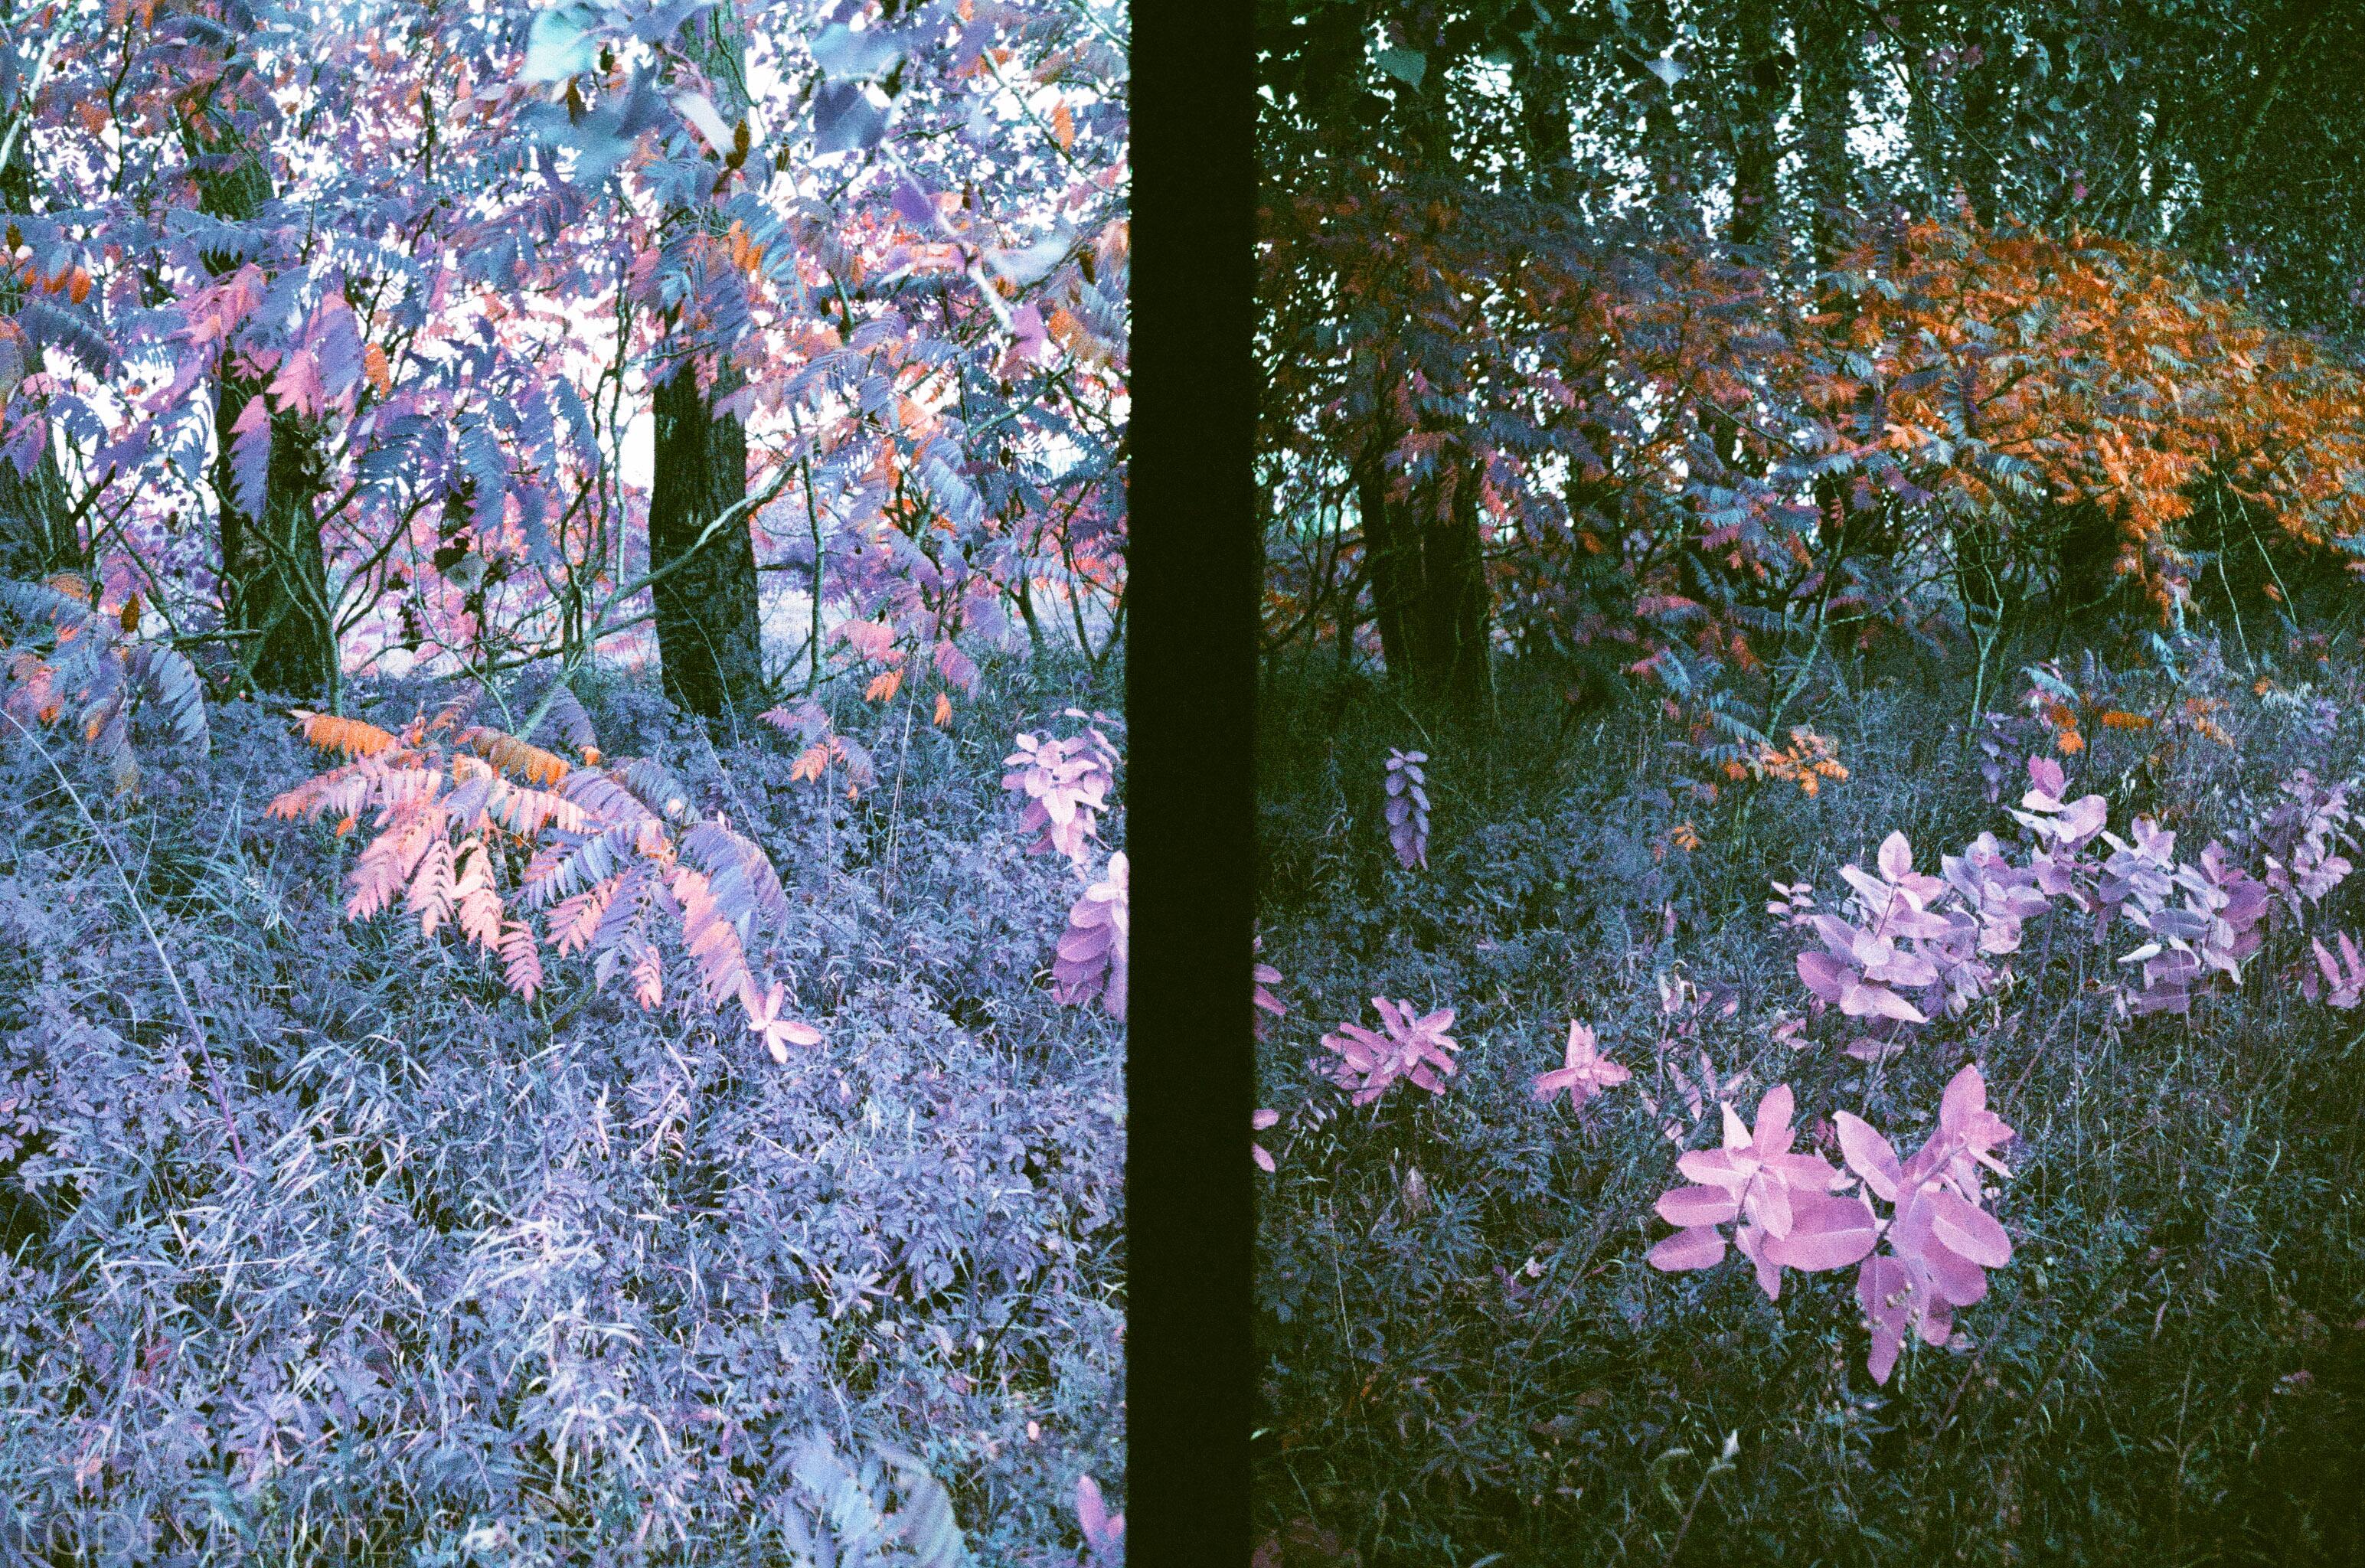 ldc_20161026_77790026ee3_lomo_purple_200